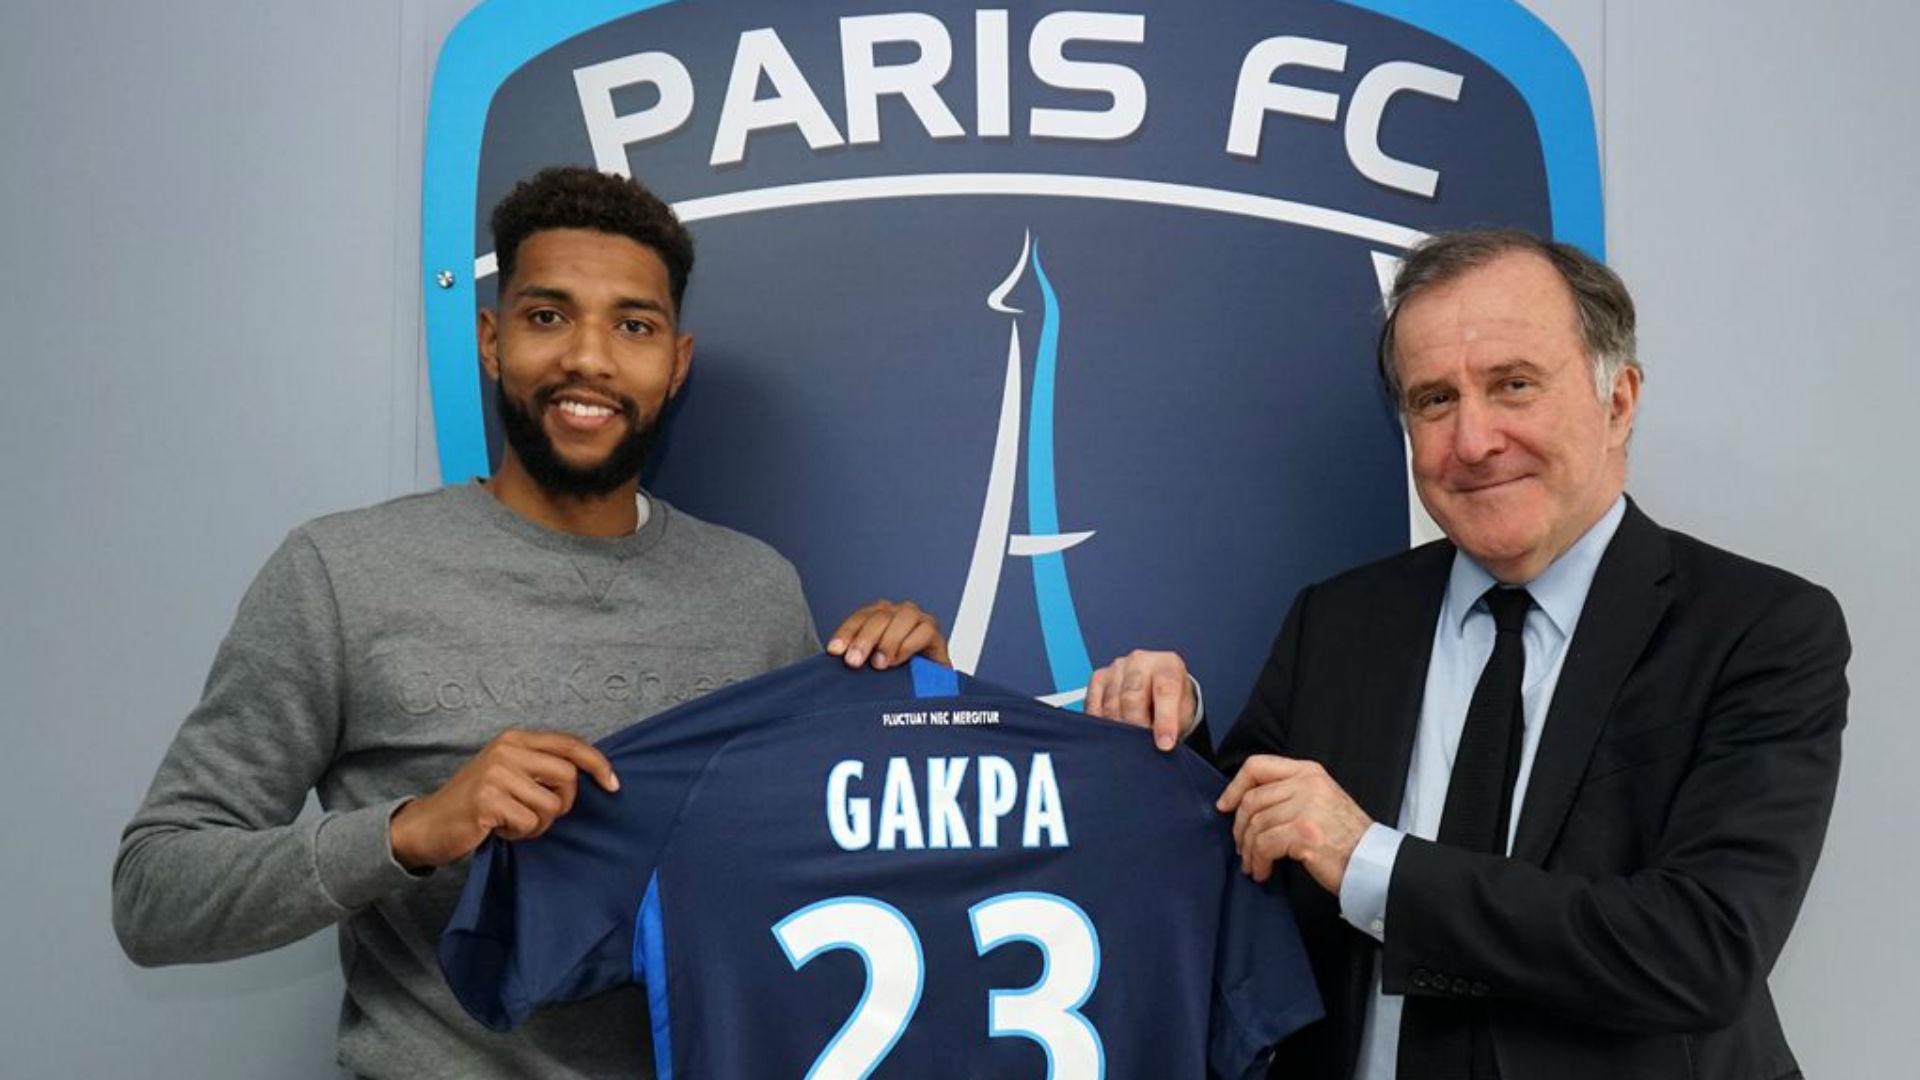 Paris FC - Marvin Gakpa revient sur sa saison difficile à Metz